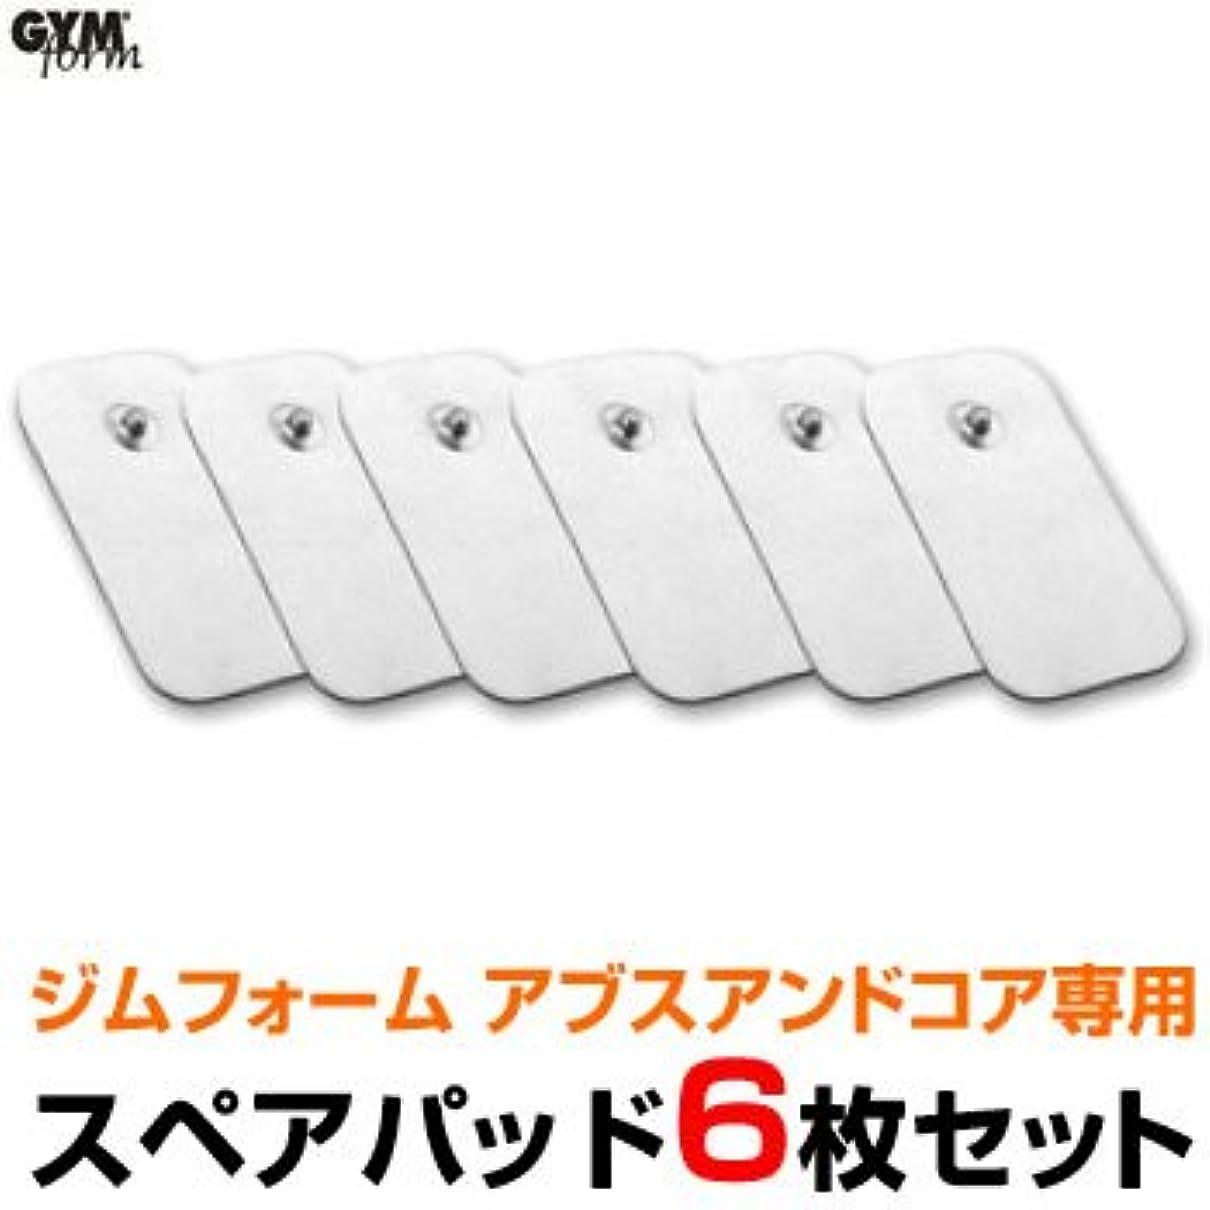 床高揚したラグジムフォーム アブス&コア専用スペアパッド(GYMform ABS&CORE)6枚セット